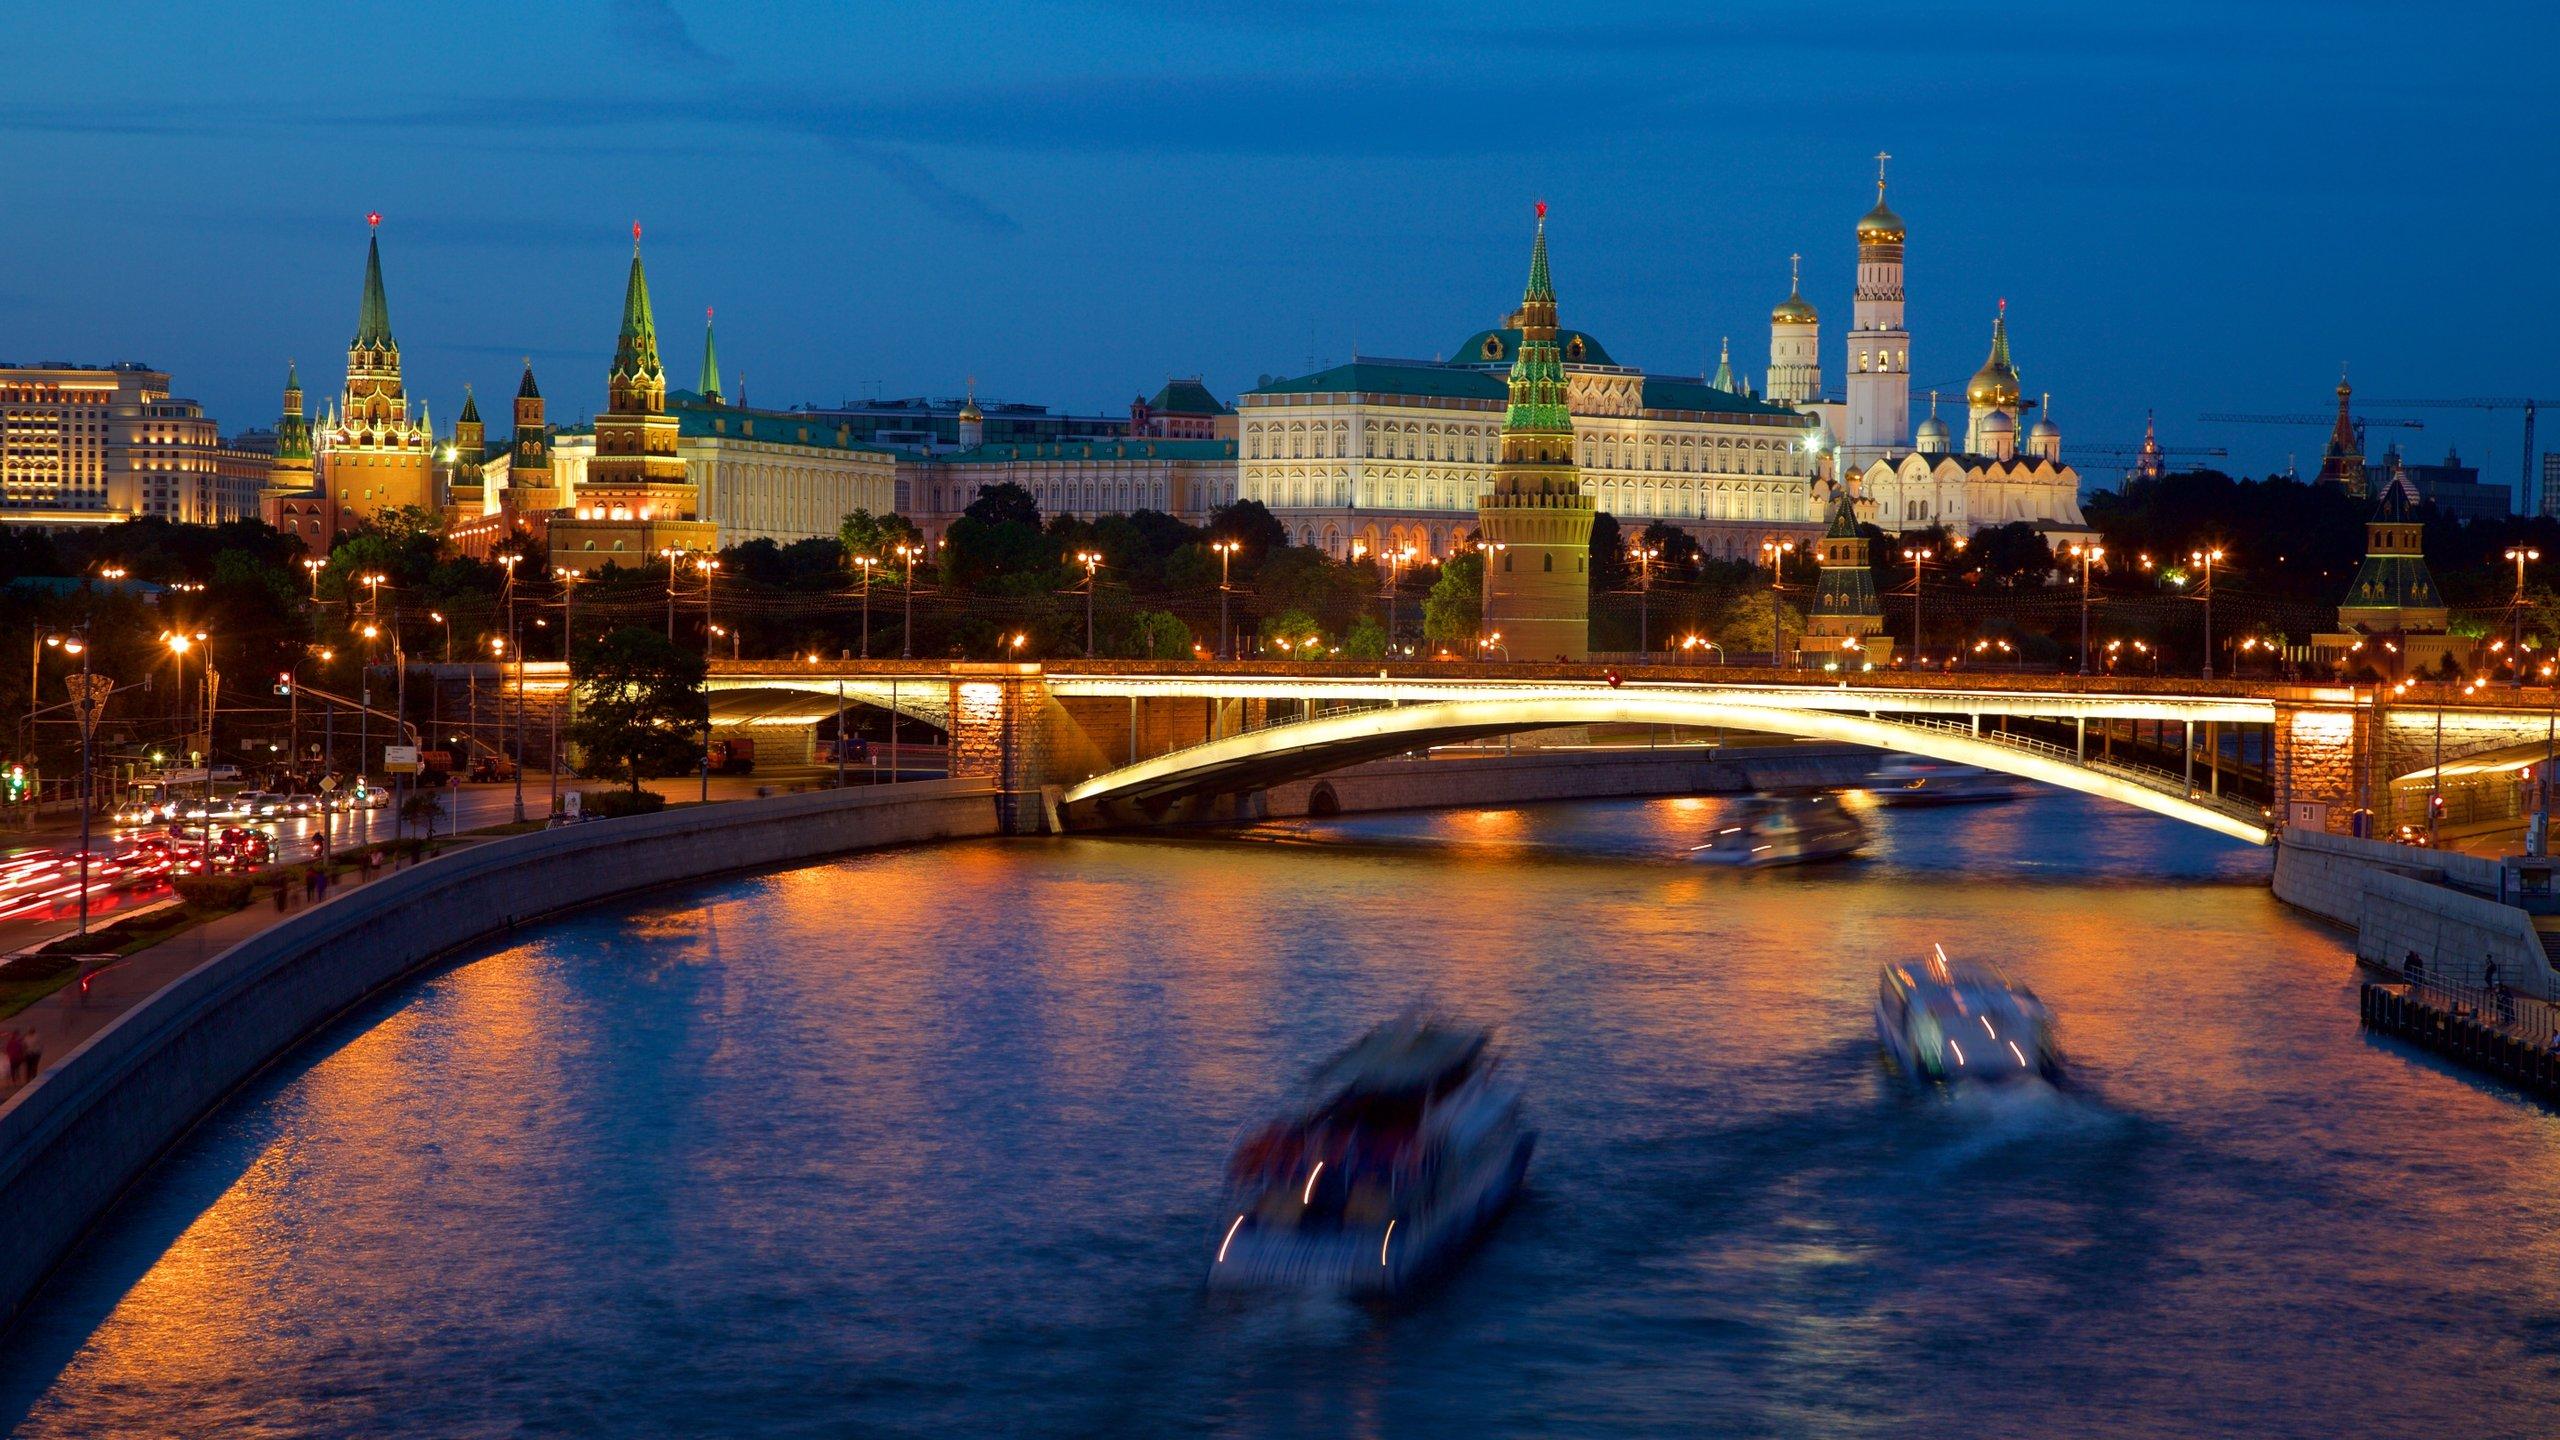 Visita la plaza más emblemática de Rusia, que está rodeada por algunos de los monumentos más famosos de la ciudad.